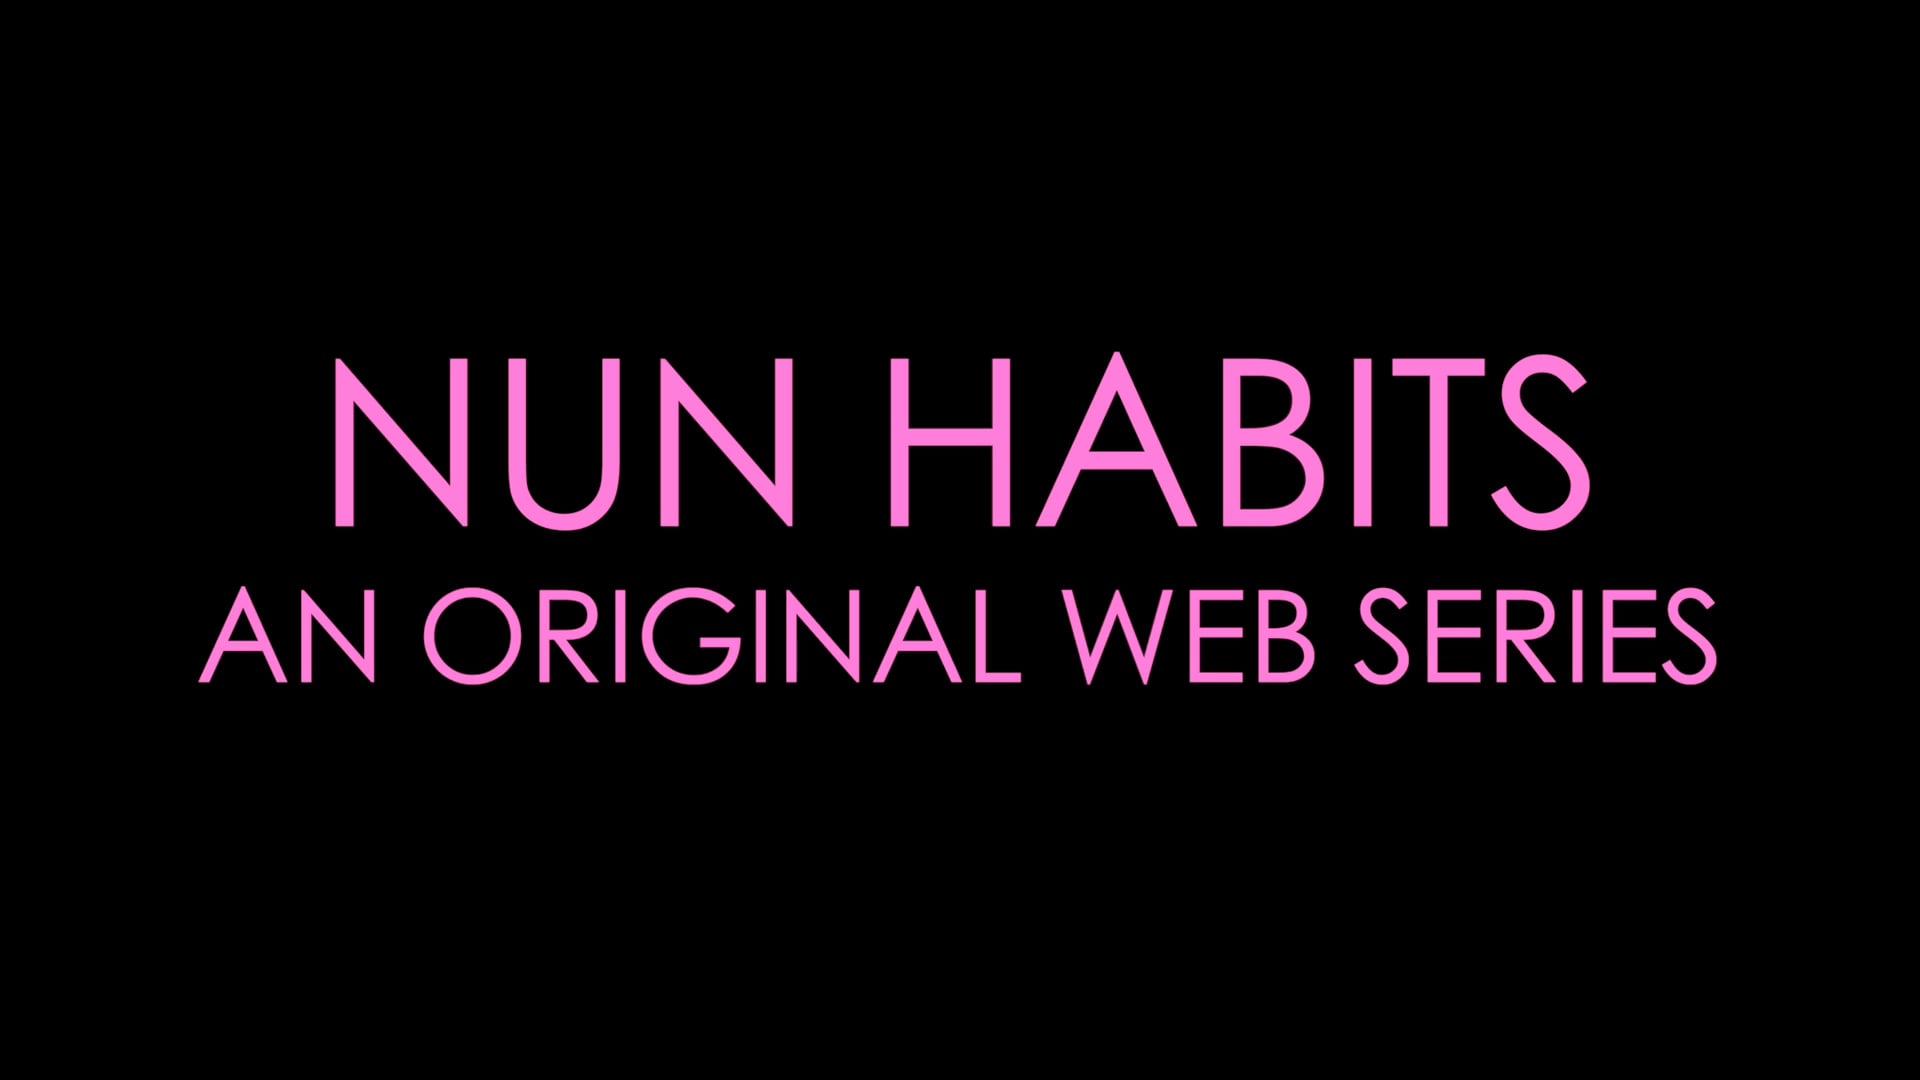 Nun Habits (Trailer)